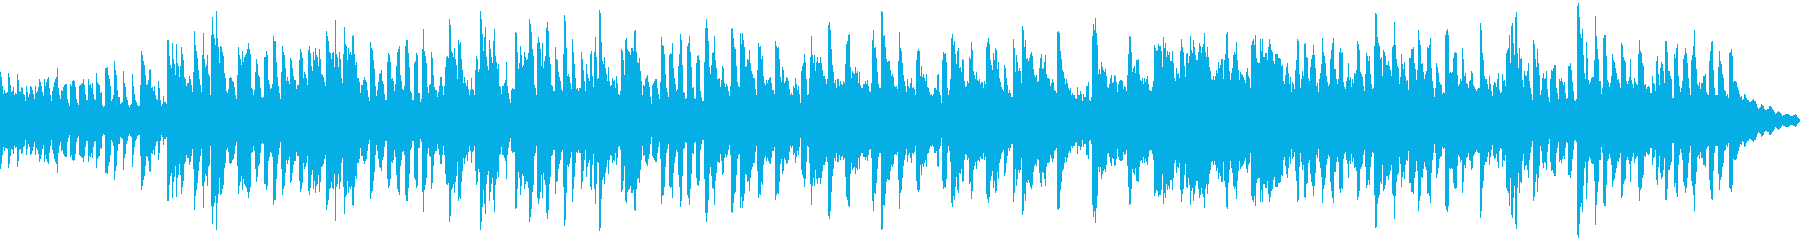 冬に最適な温かいBGMの再生済みの波形